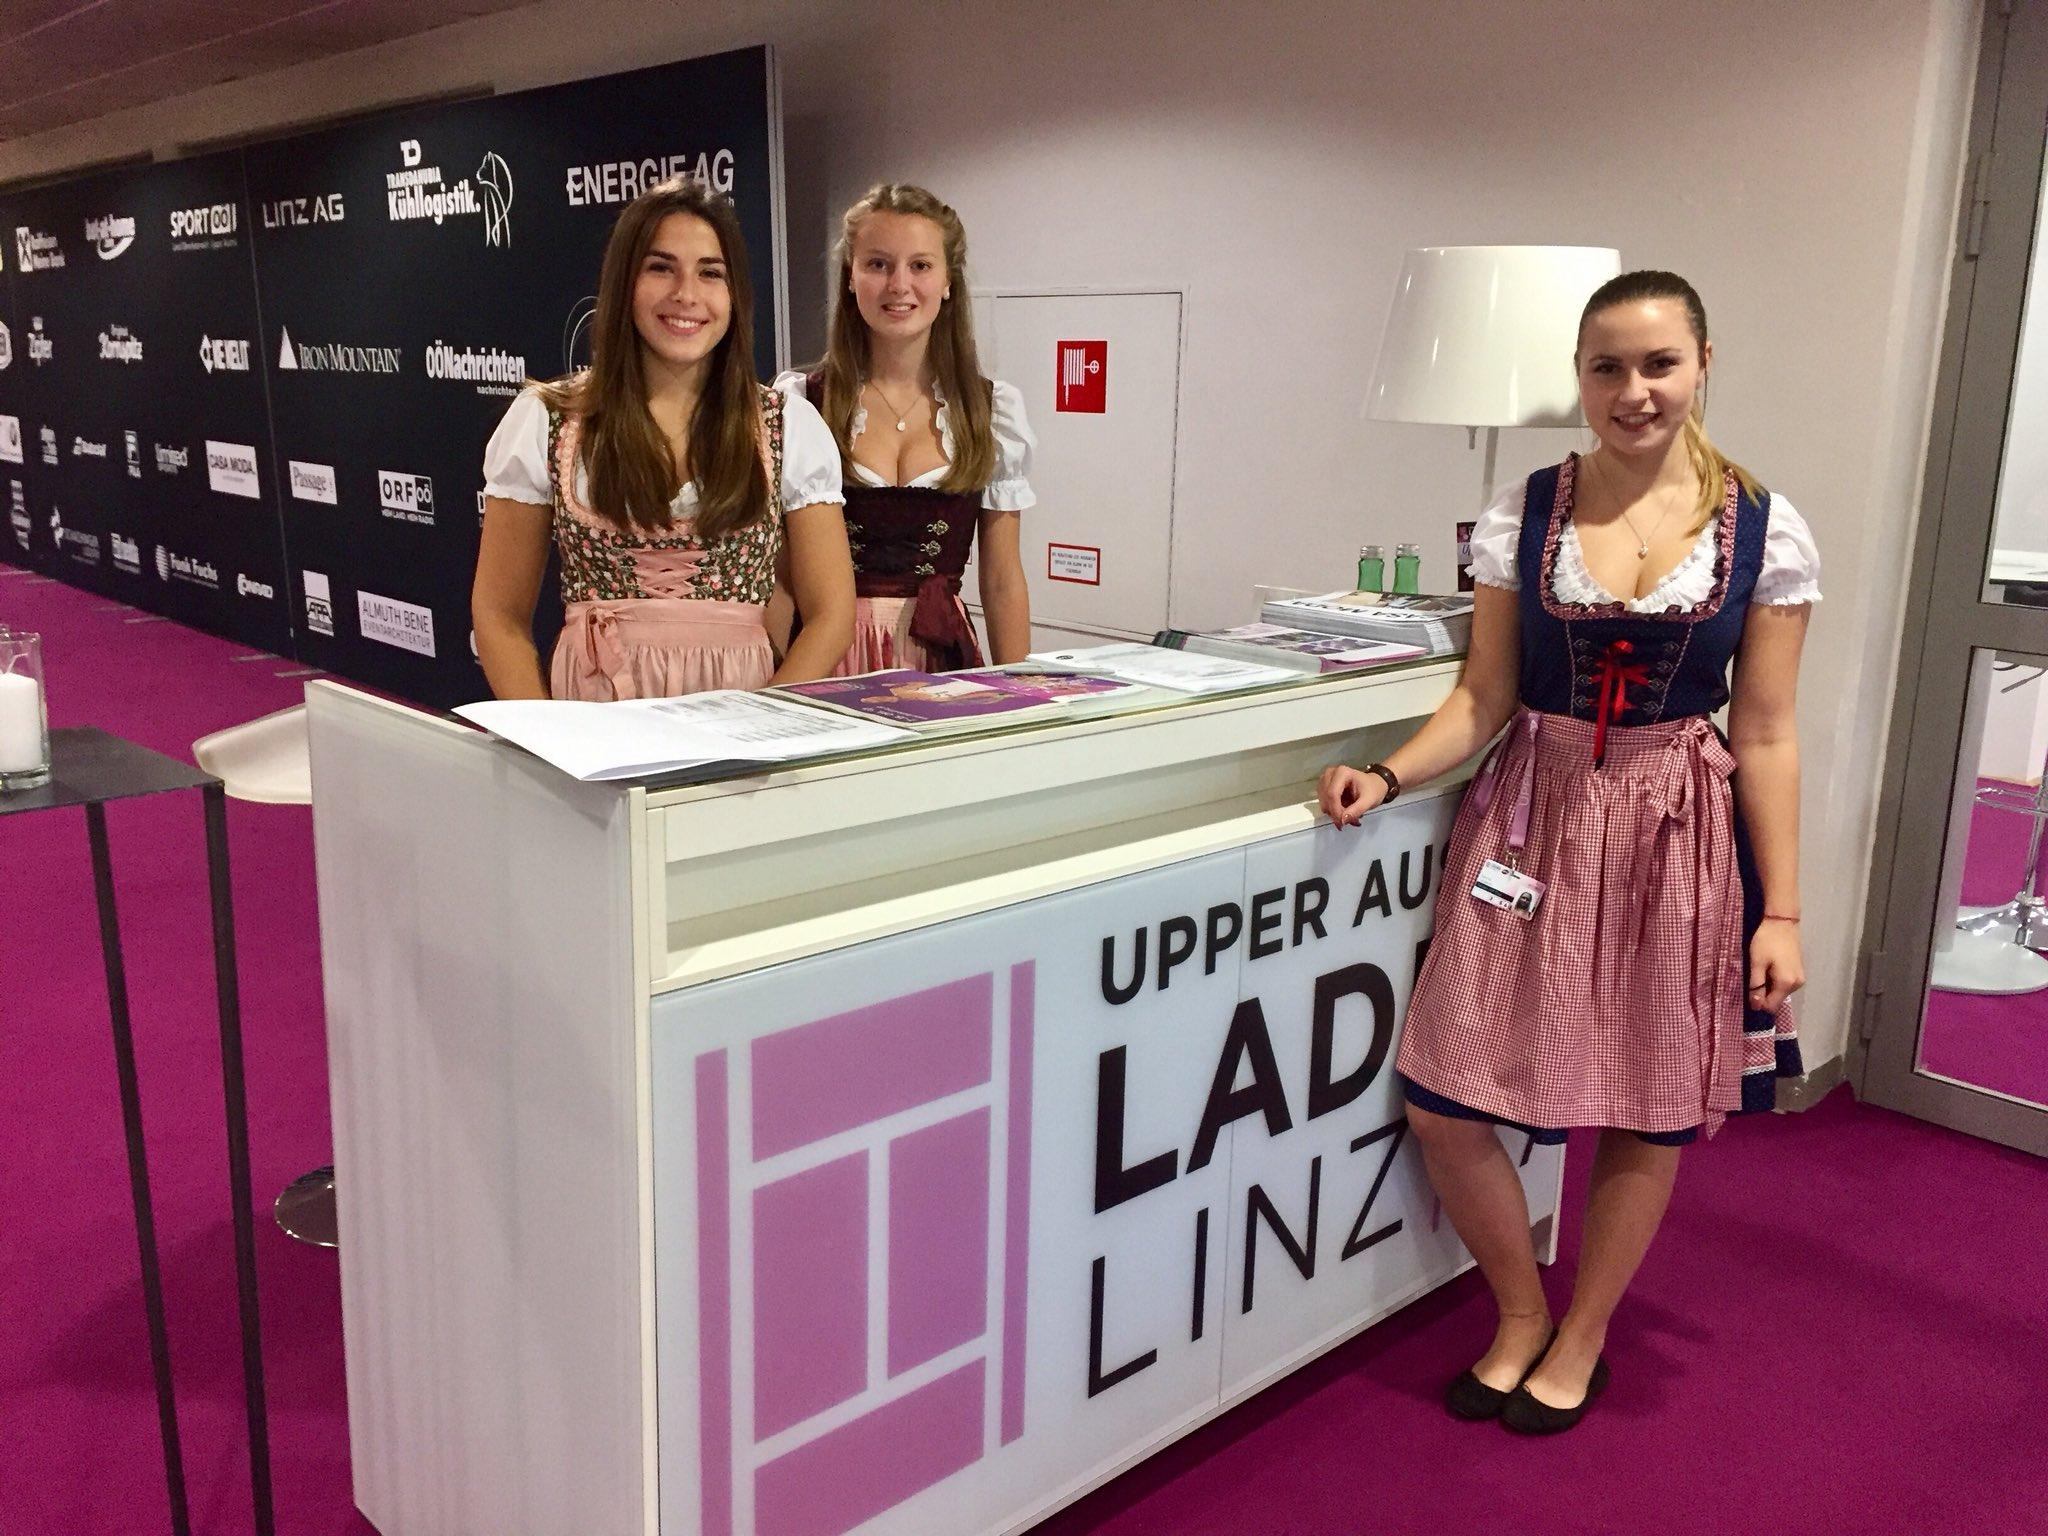 WTA Linz on Twitter: 📣Wir suchen für das Upper Austria